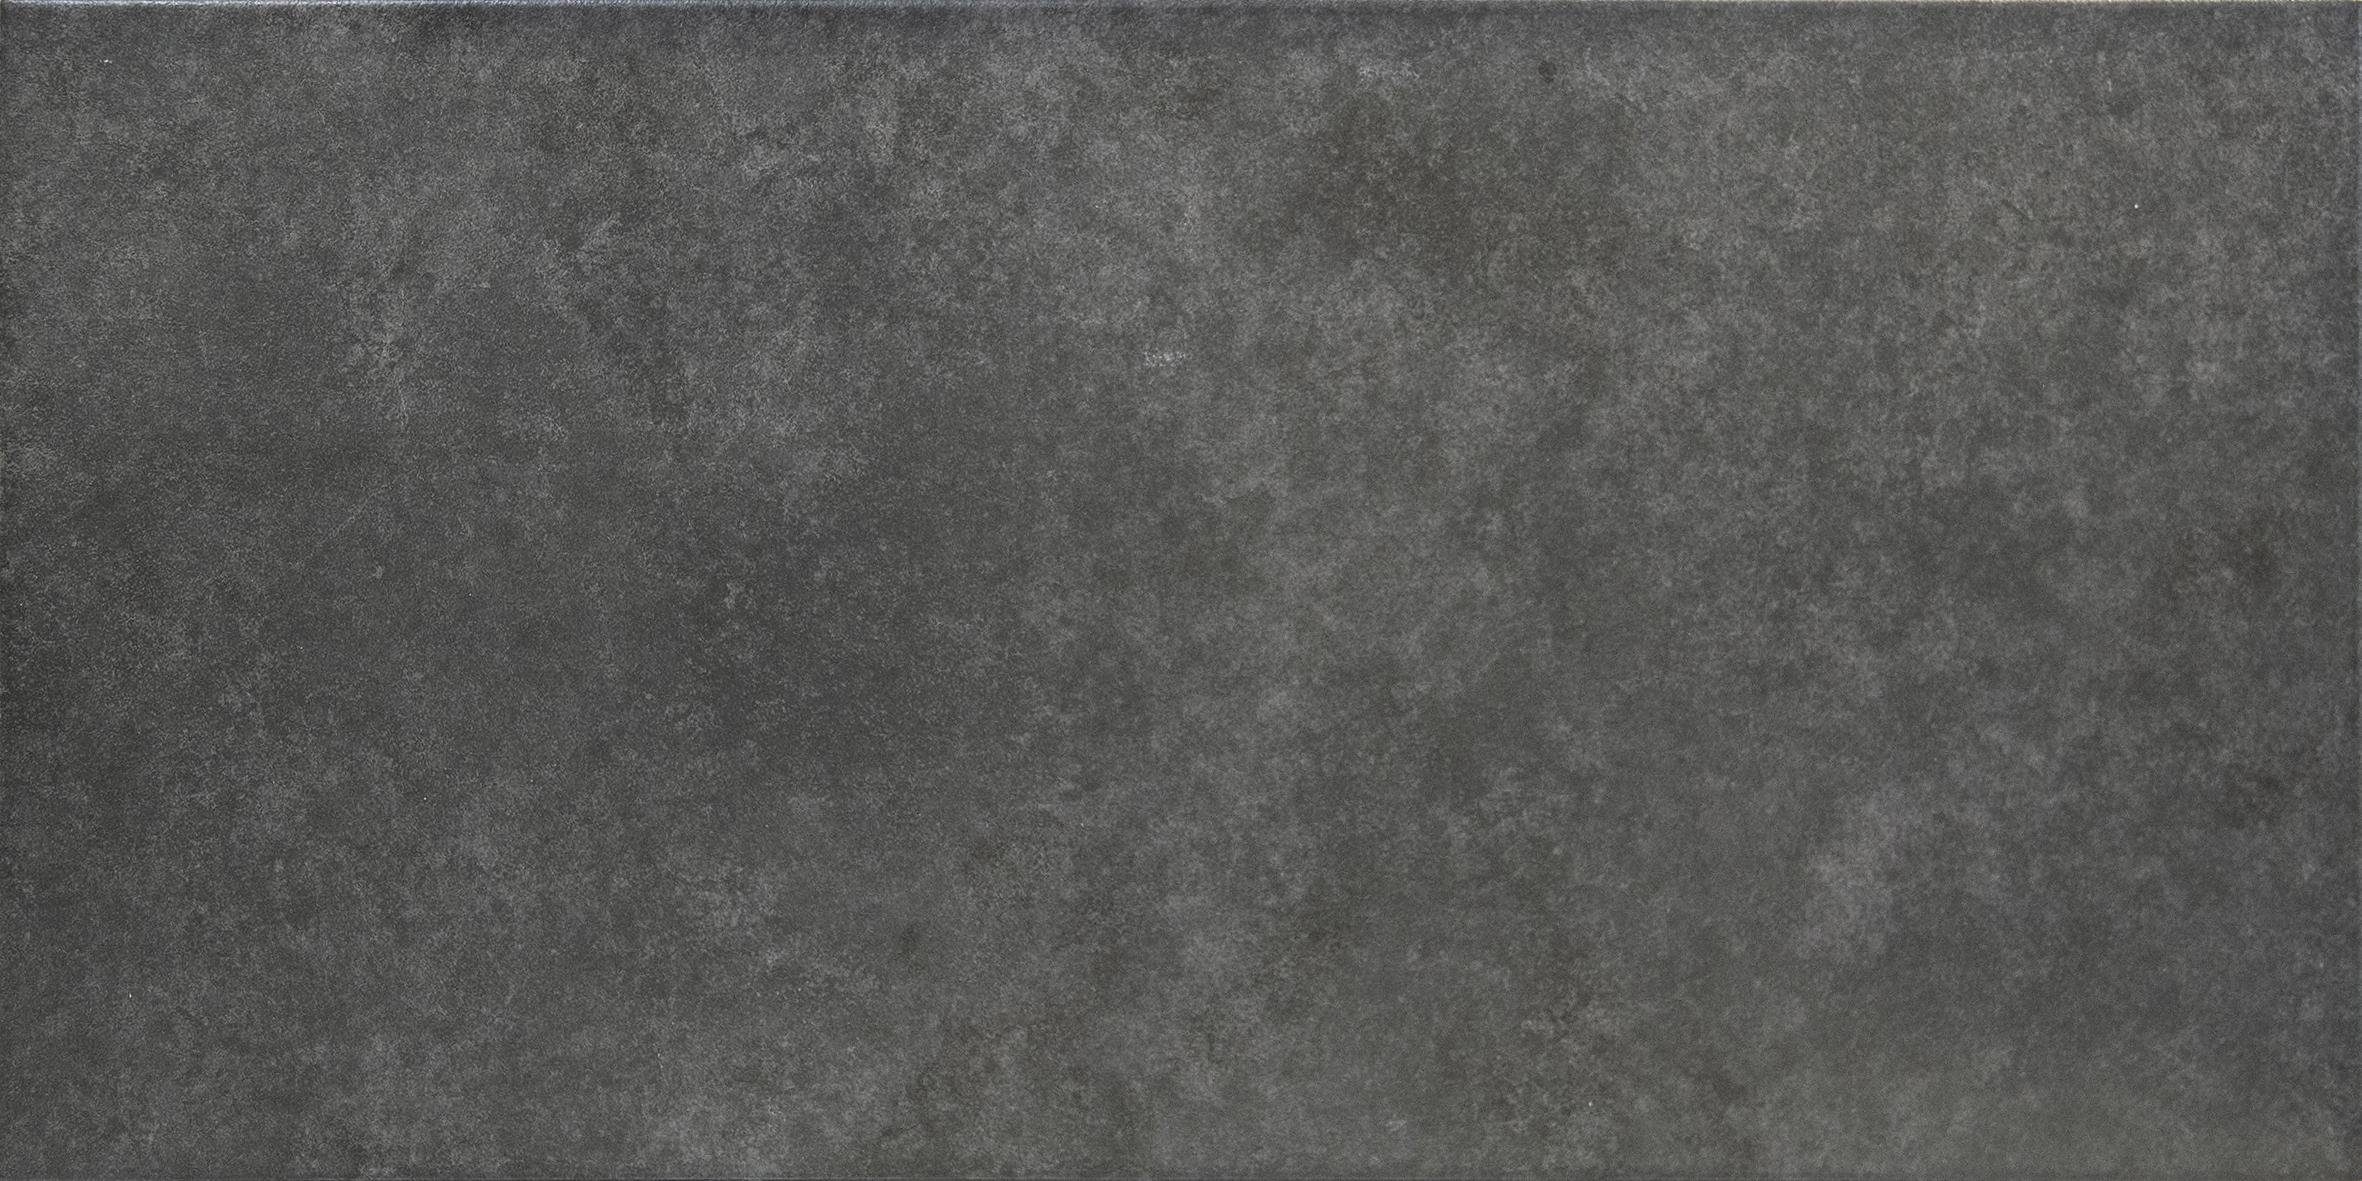 8660-04, Geo, Tummanharmaa, lattia,liukastumisenesto,pakkasenkesto